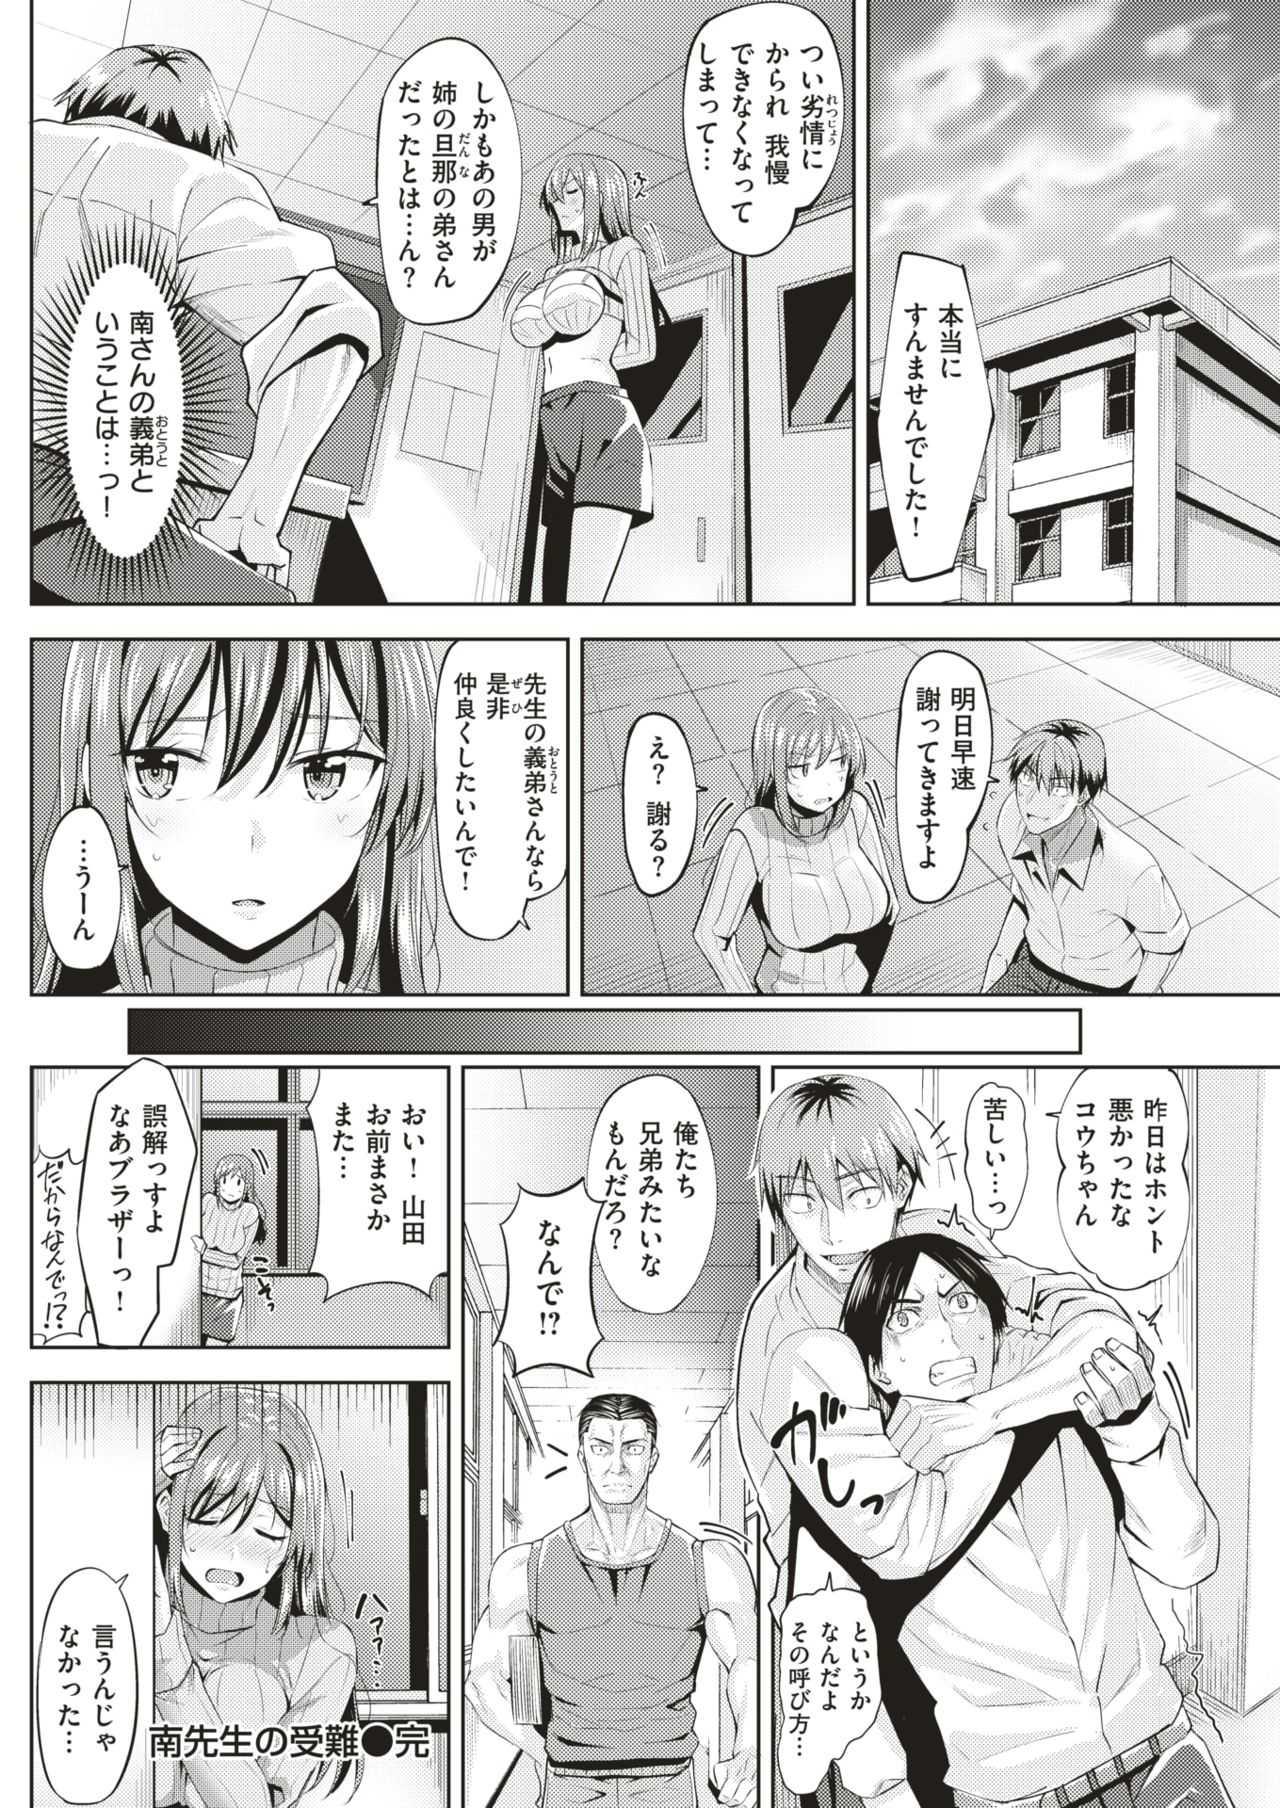 【エロ漫画】不良少年も惚れてしまう美人女教師のドスケベボディwww